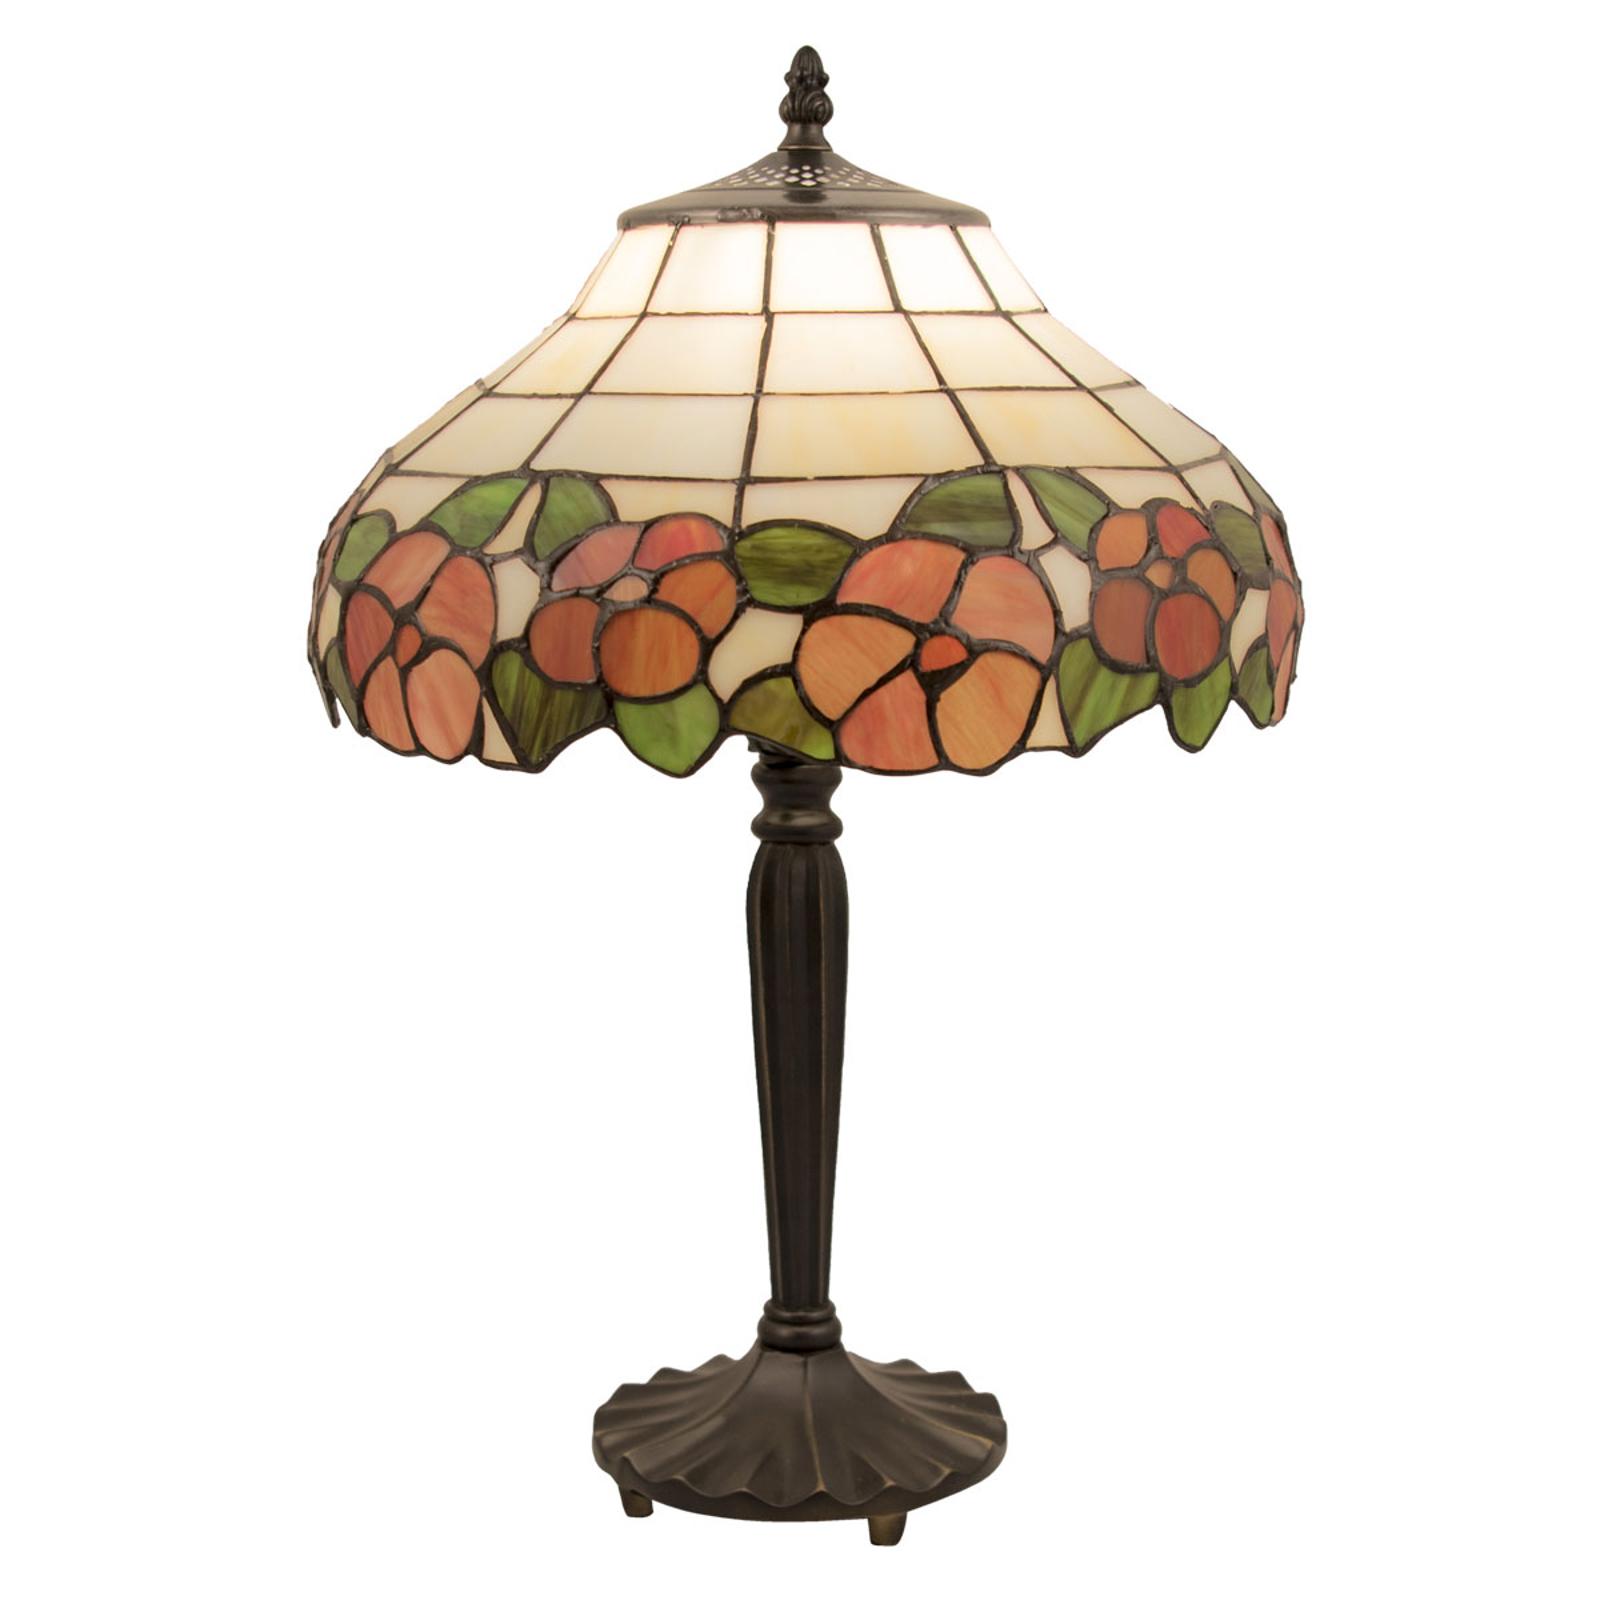 Tafellamp 5941 met bloemenmotief in glazen kap